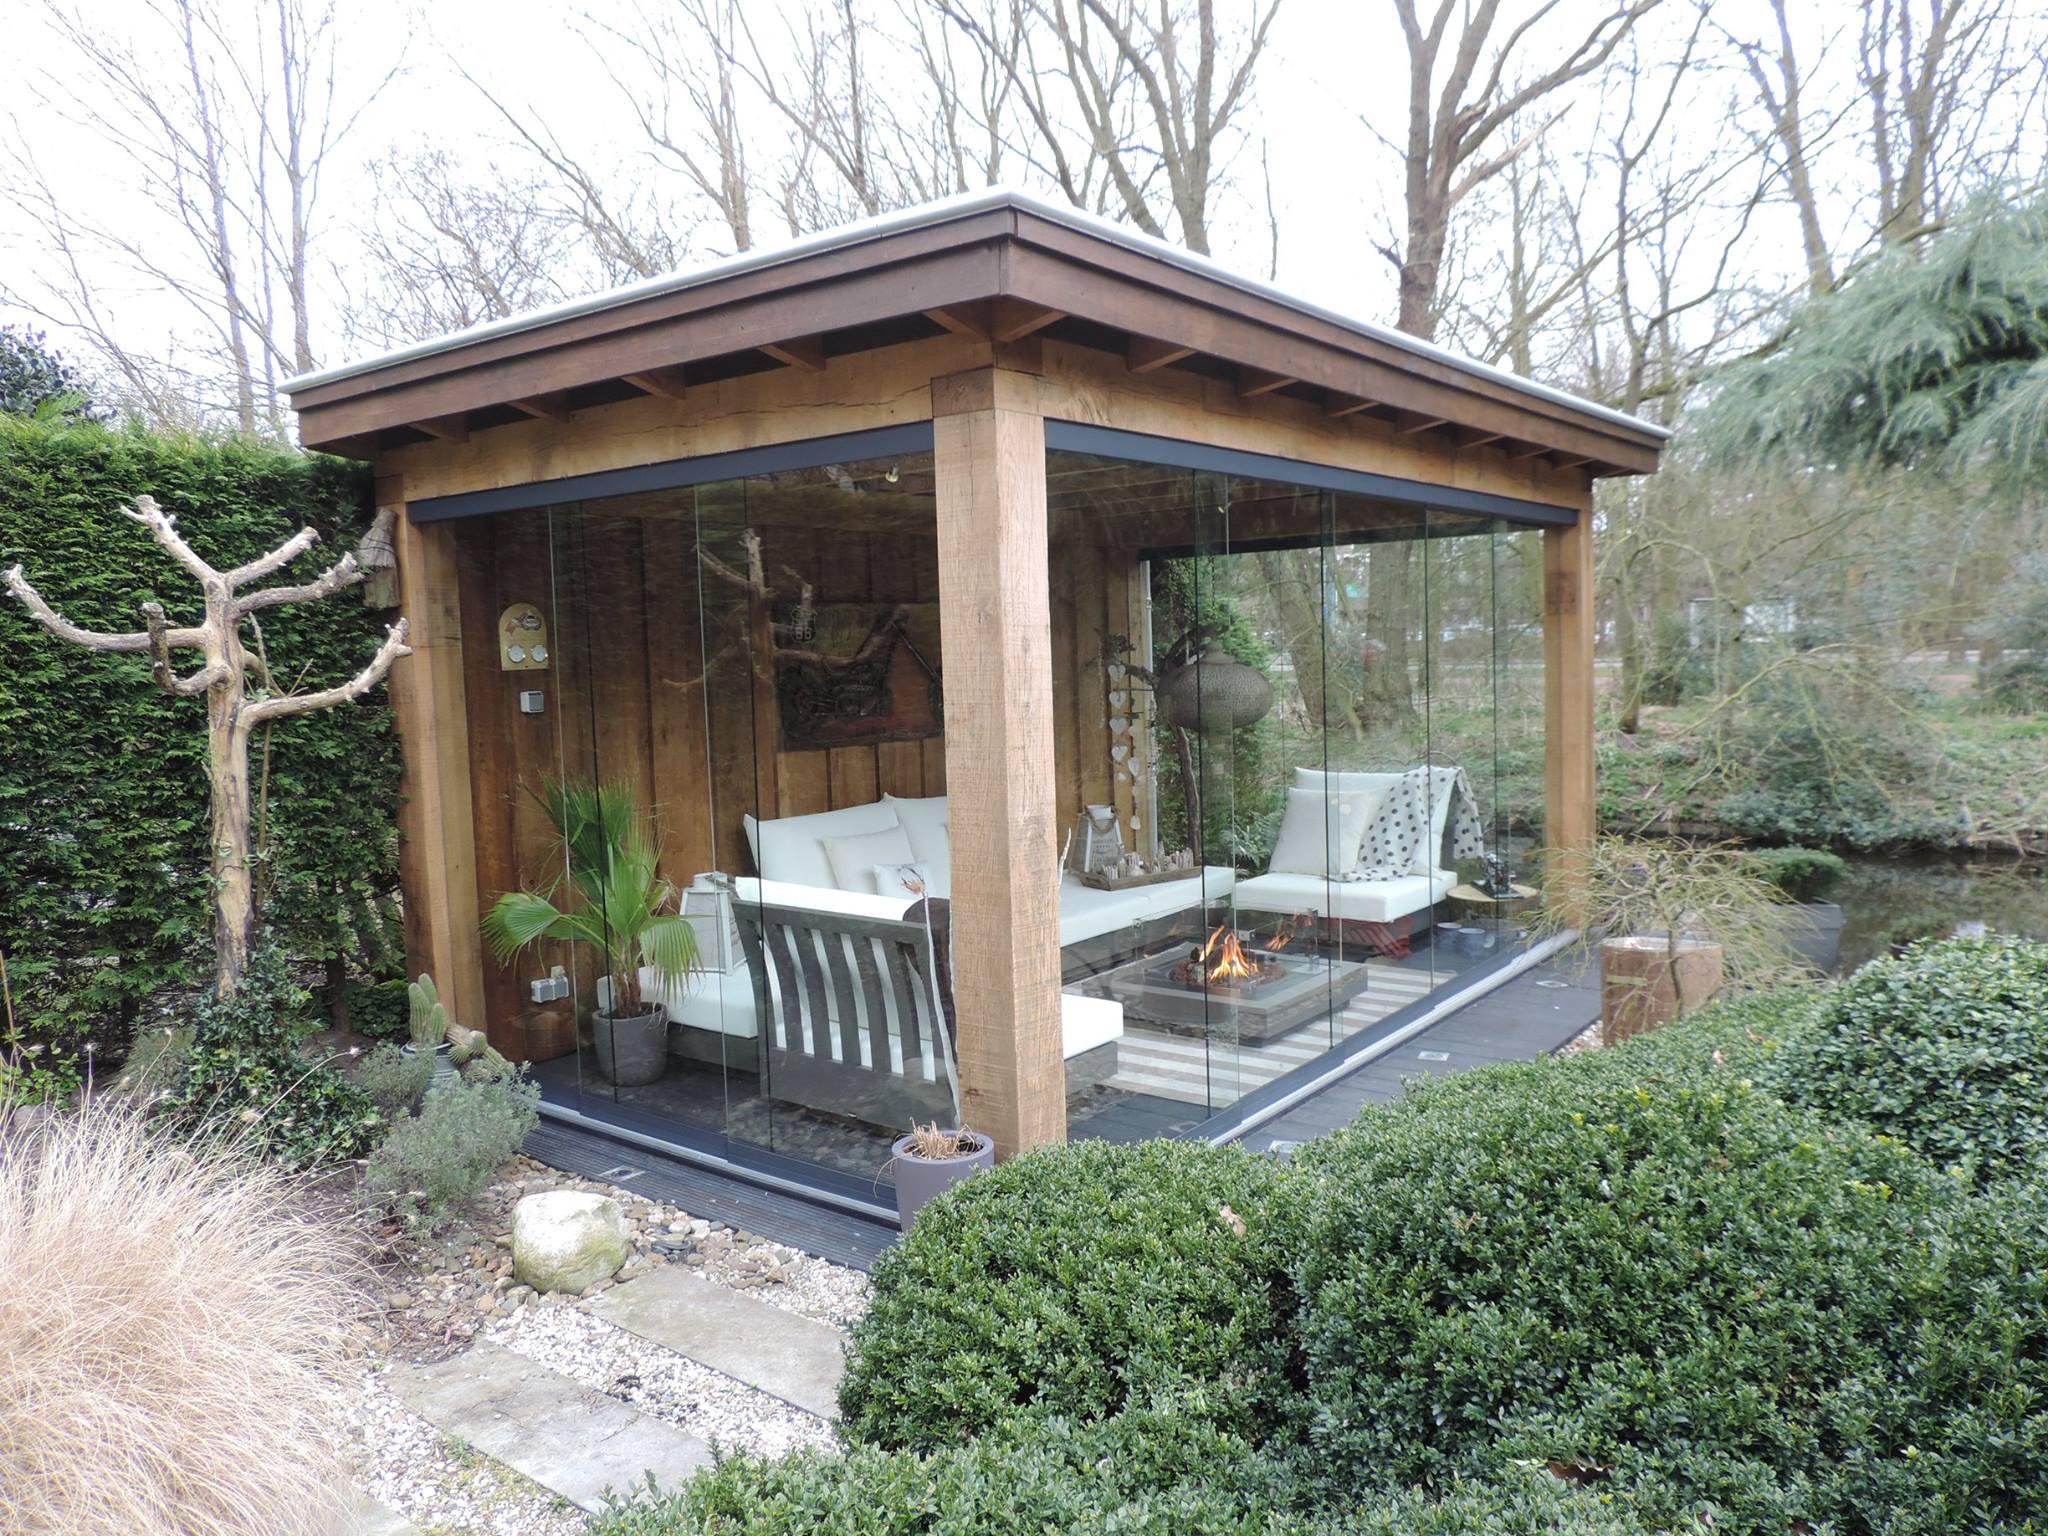 Losse Overkapping Tuin : Vrijstaande overkapping veranda uw verandaspecialist uw